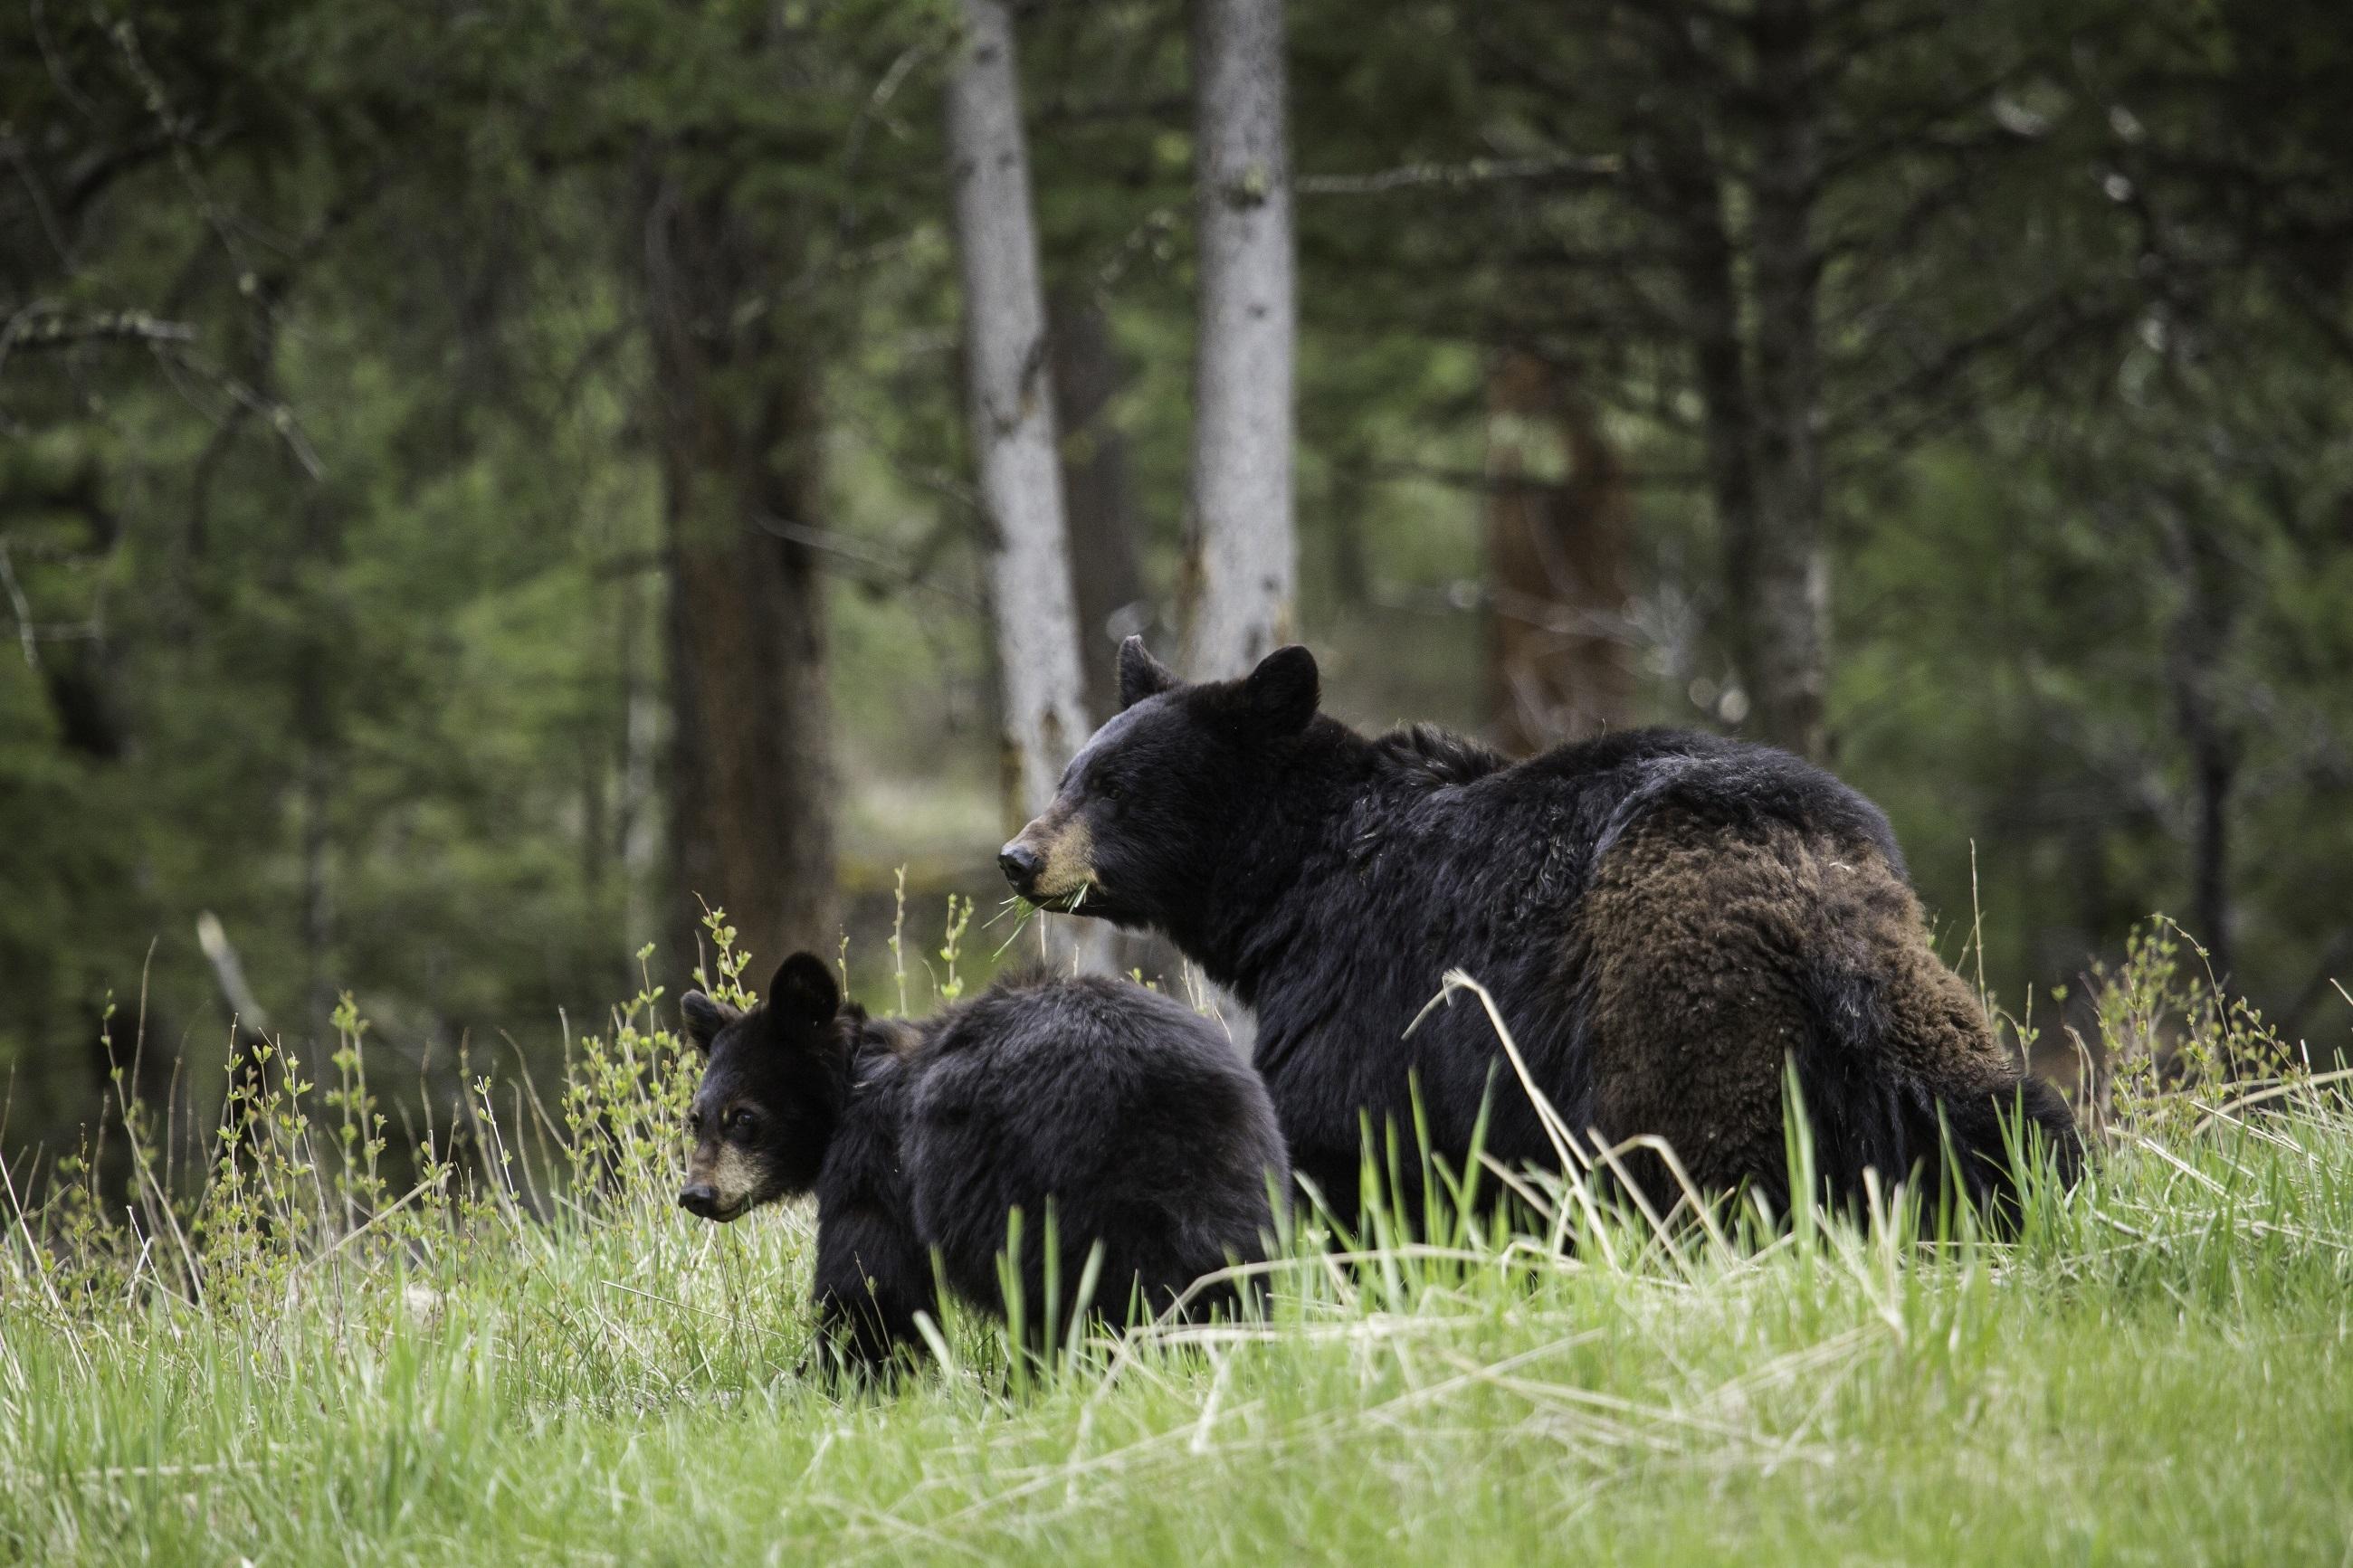 133842 Заставки и Обои Медведи на телефон. Скачать Животные, Медведи, Пара, Прогулка, Семья, Детеныш картинки бесплатно